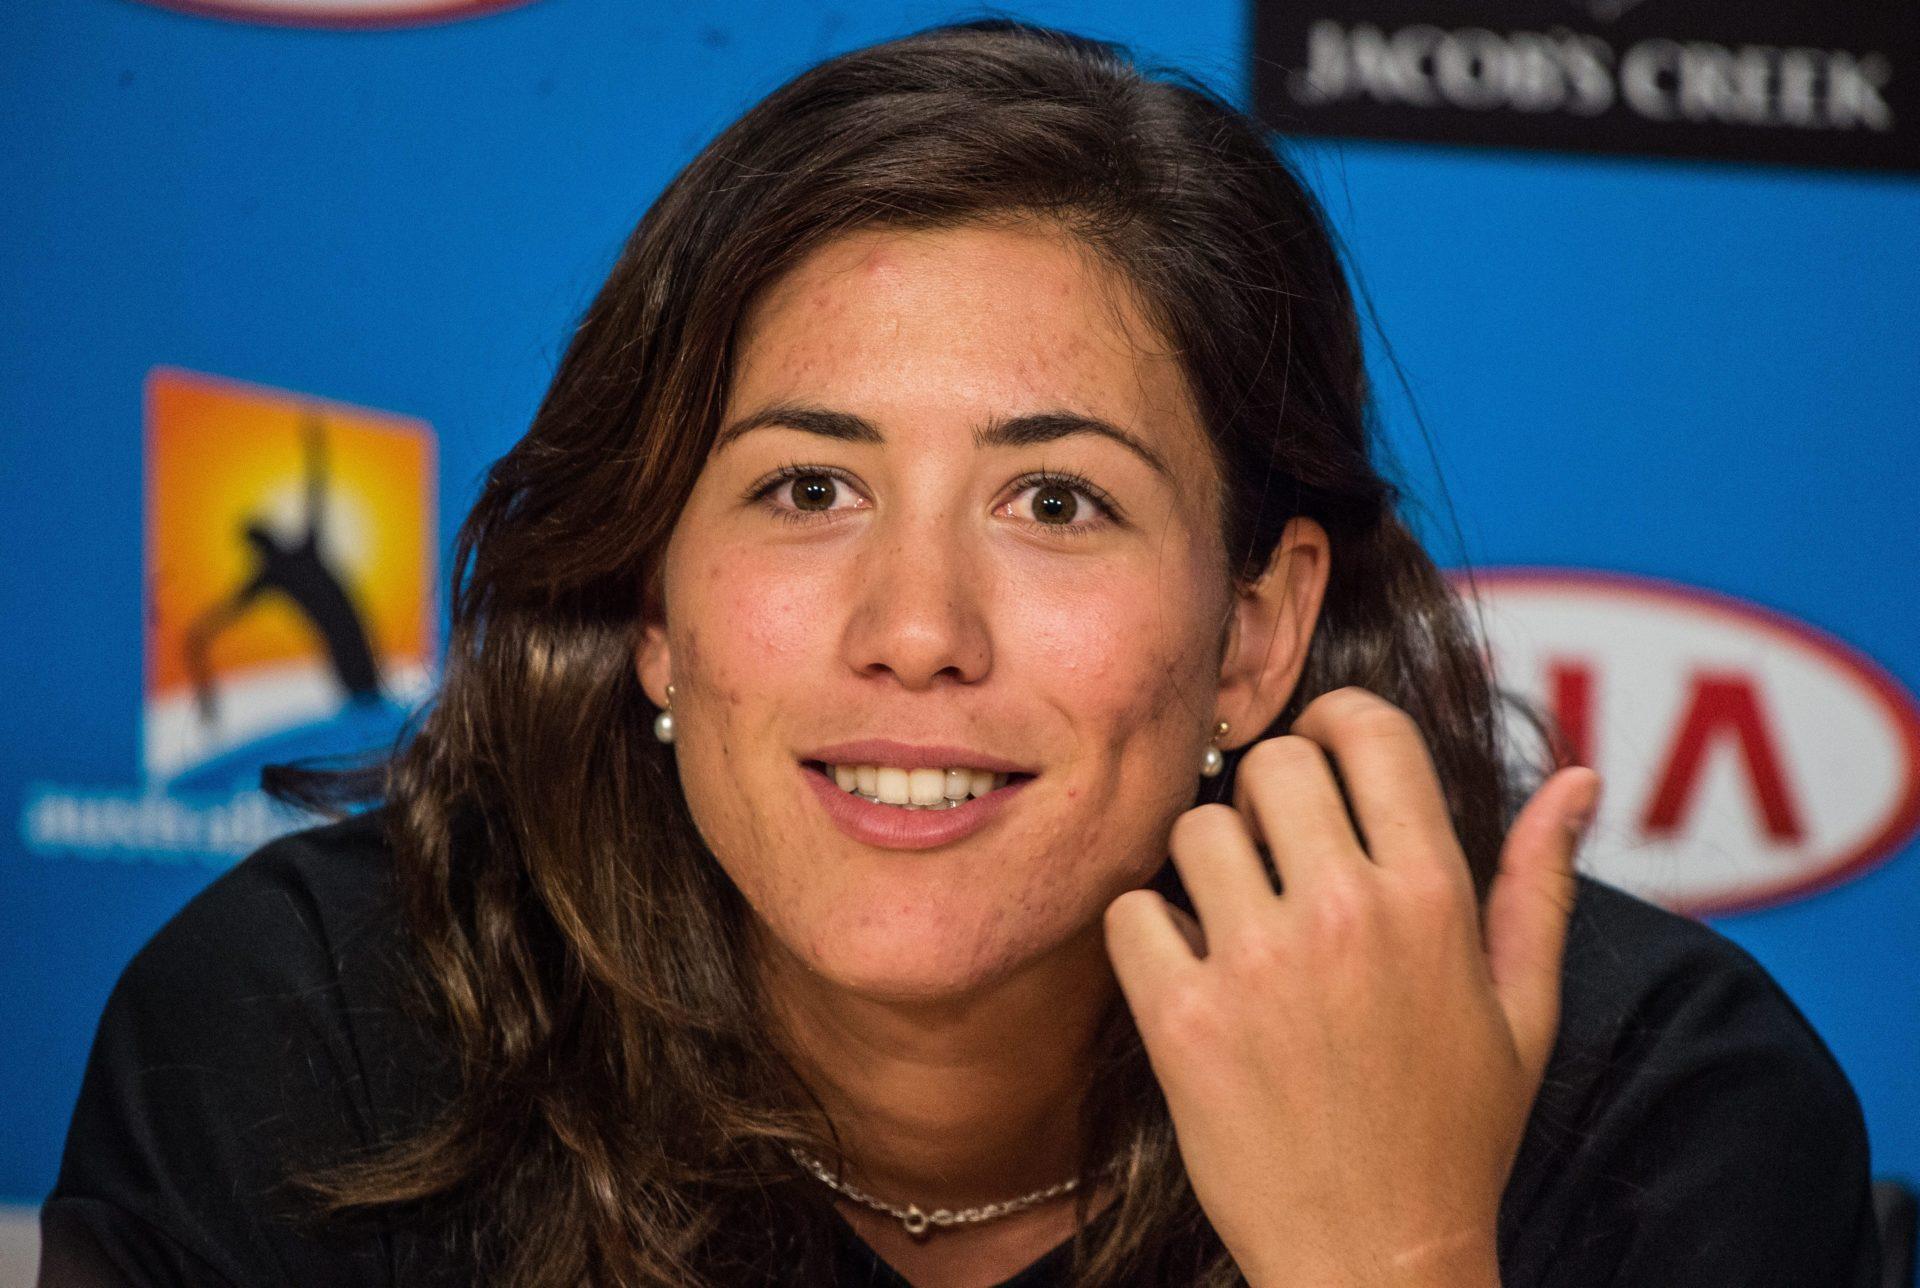 Fotografía Garbiñe Muguruza en la rueda de prensa previa al Open de Australia en Melbourne Park